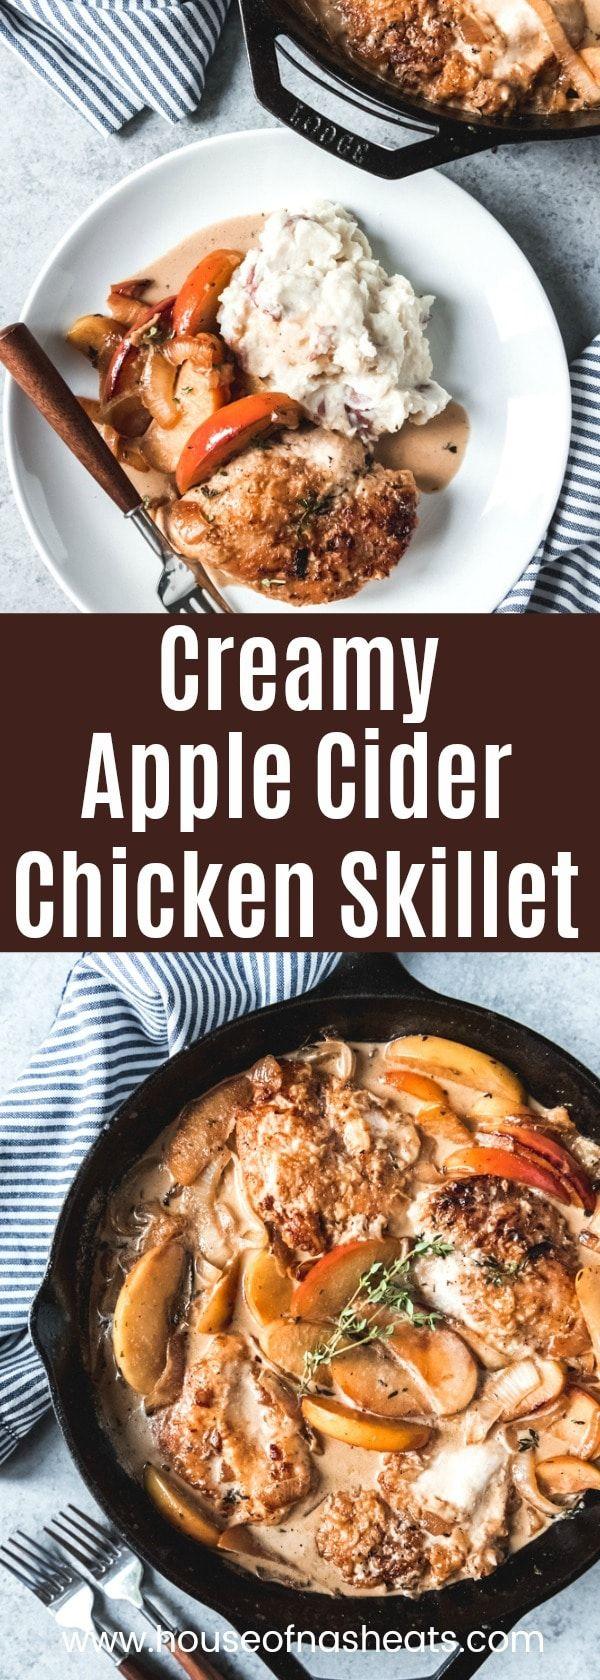 Creamy Apple Cider Chicken Skillet